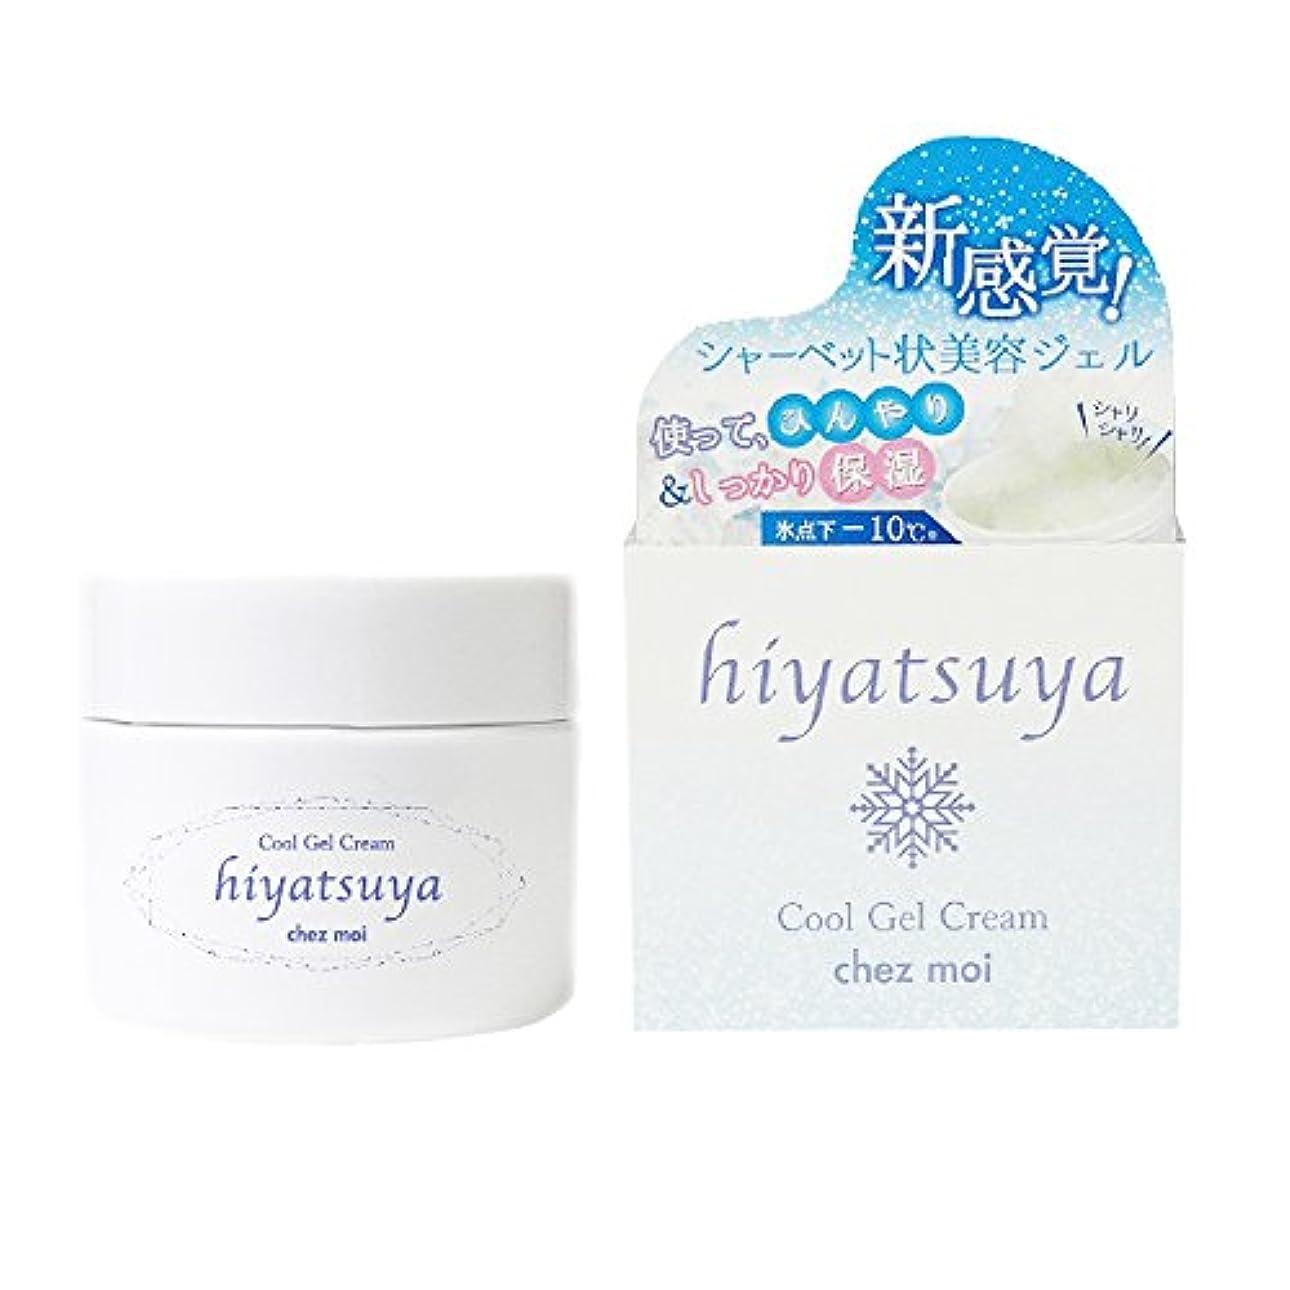 心から欠伸選ぶシェモア hiyatsuya(ヒヤツヤ) cool gel cream 70g